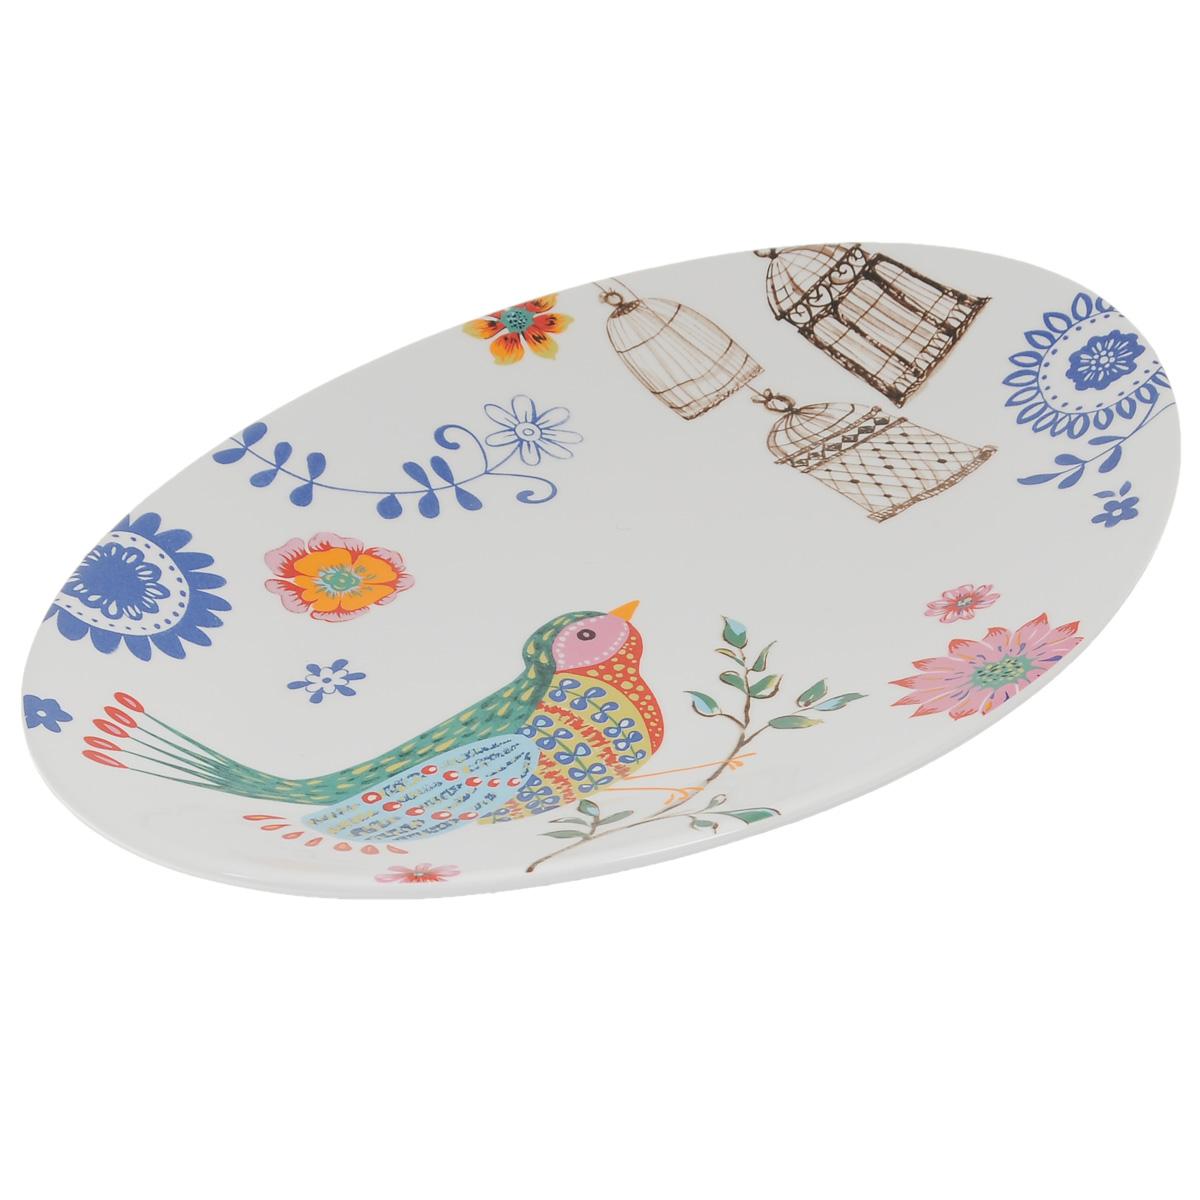 Блюдо Korall Синяя птица, 33 х 23 см799016Блюдо Korall Синяя птица, выполненное из керамики и декорированное красочным изображением птицы и цветов, сочетает в себе изысканный дизайн с максимальной функциональностью. Красочность оформления придется по вкусу и ценителям классики, и тем, кто предпочитает утонченность и изящность. Блюдо украсит сервировку вашего стола и подчеркнет прекрасный вкус хозяина, а также станет отличным подарком. Можно мыть в посудомоечной машине и использовать в микроволновой печи. Размер блюда (по верхнему краю): 33 см х 23 см. Высота блюда: 3 см.